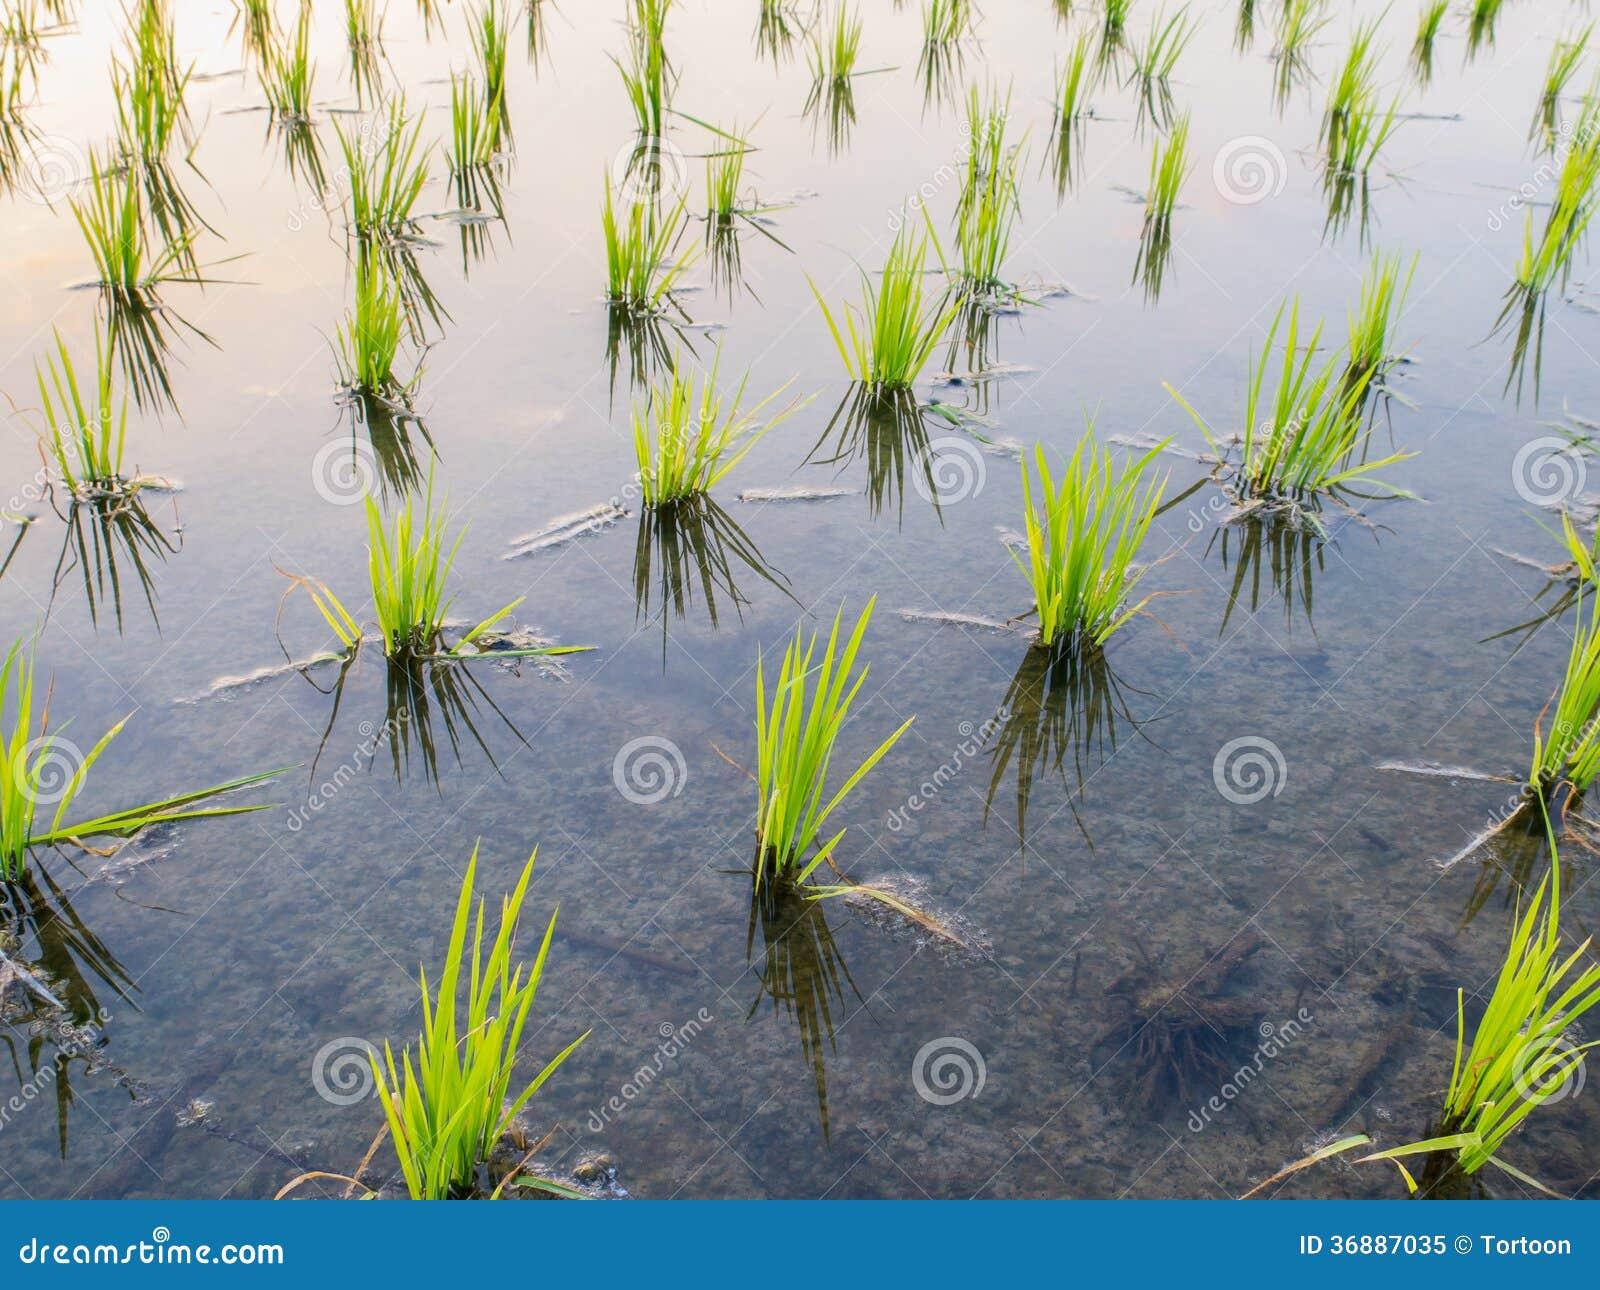 Download Giovane Germoglio Del Riso Pronto Alla Crescita Nel Riso Immagine Stock - Immagine di fresco, farmland: 36887035